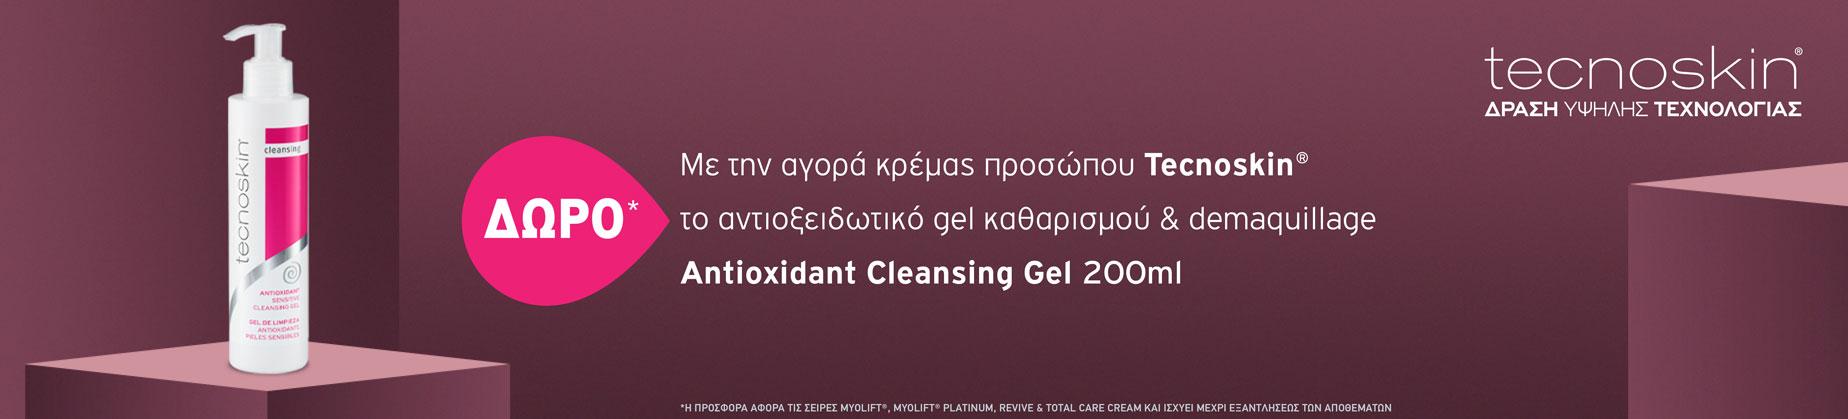 Με αγορά κρέμας προσώπου Tecnoskin ΔΩΡΟ το αντιοξειδωτικό gel καθαρισμού & demaquillage Antioxidant Cleansing Gel 200ml